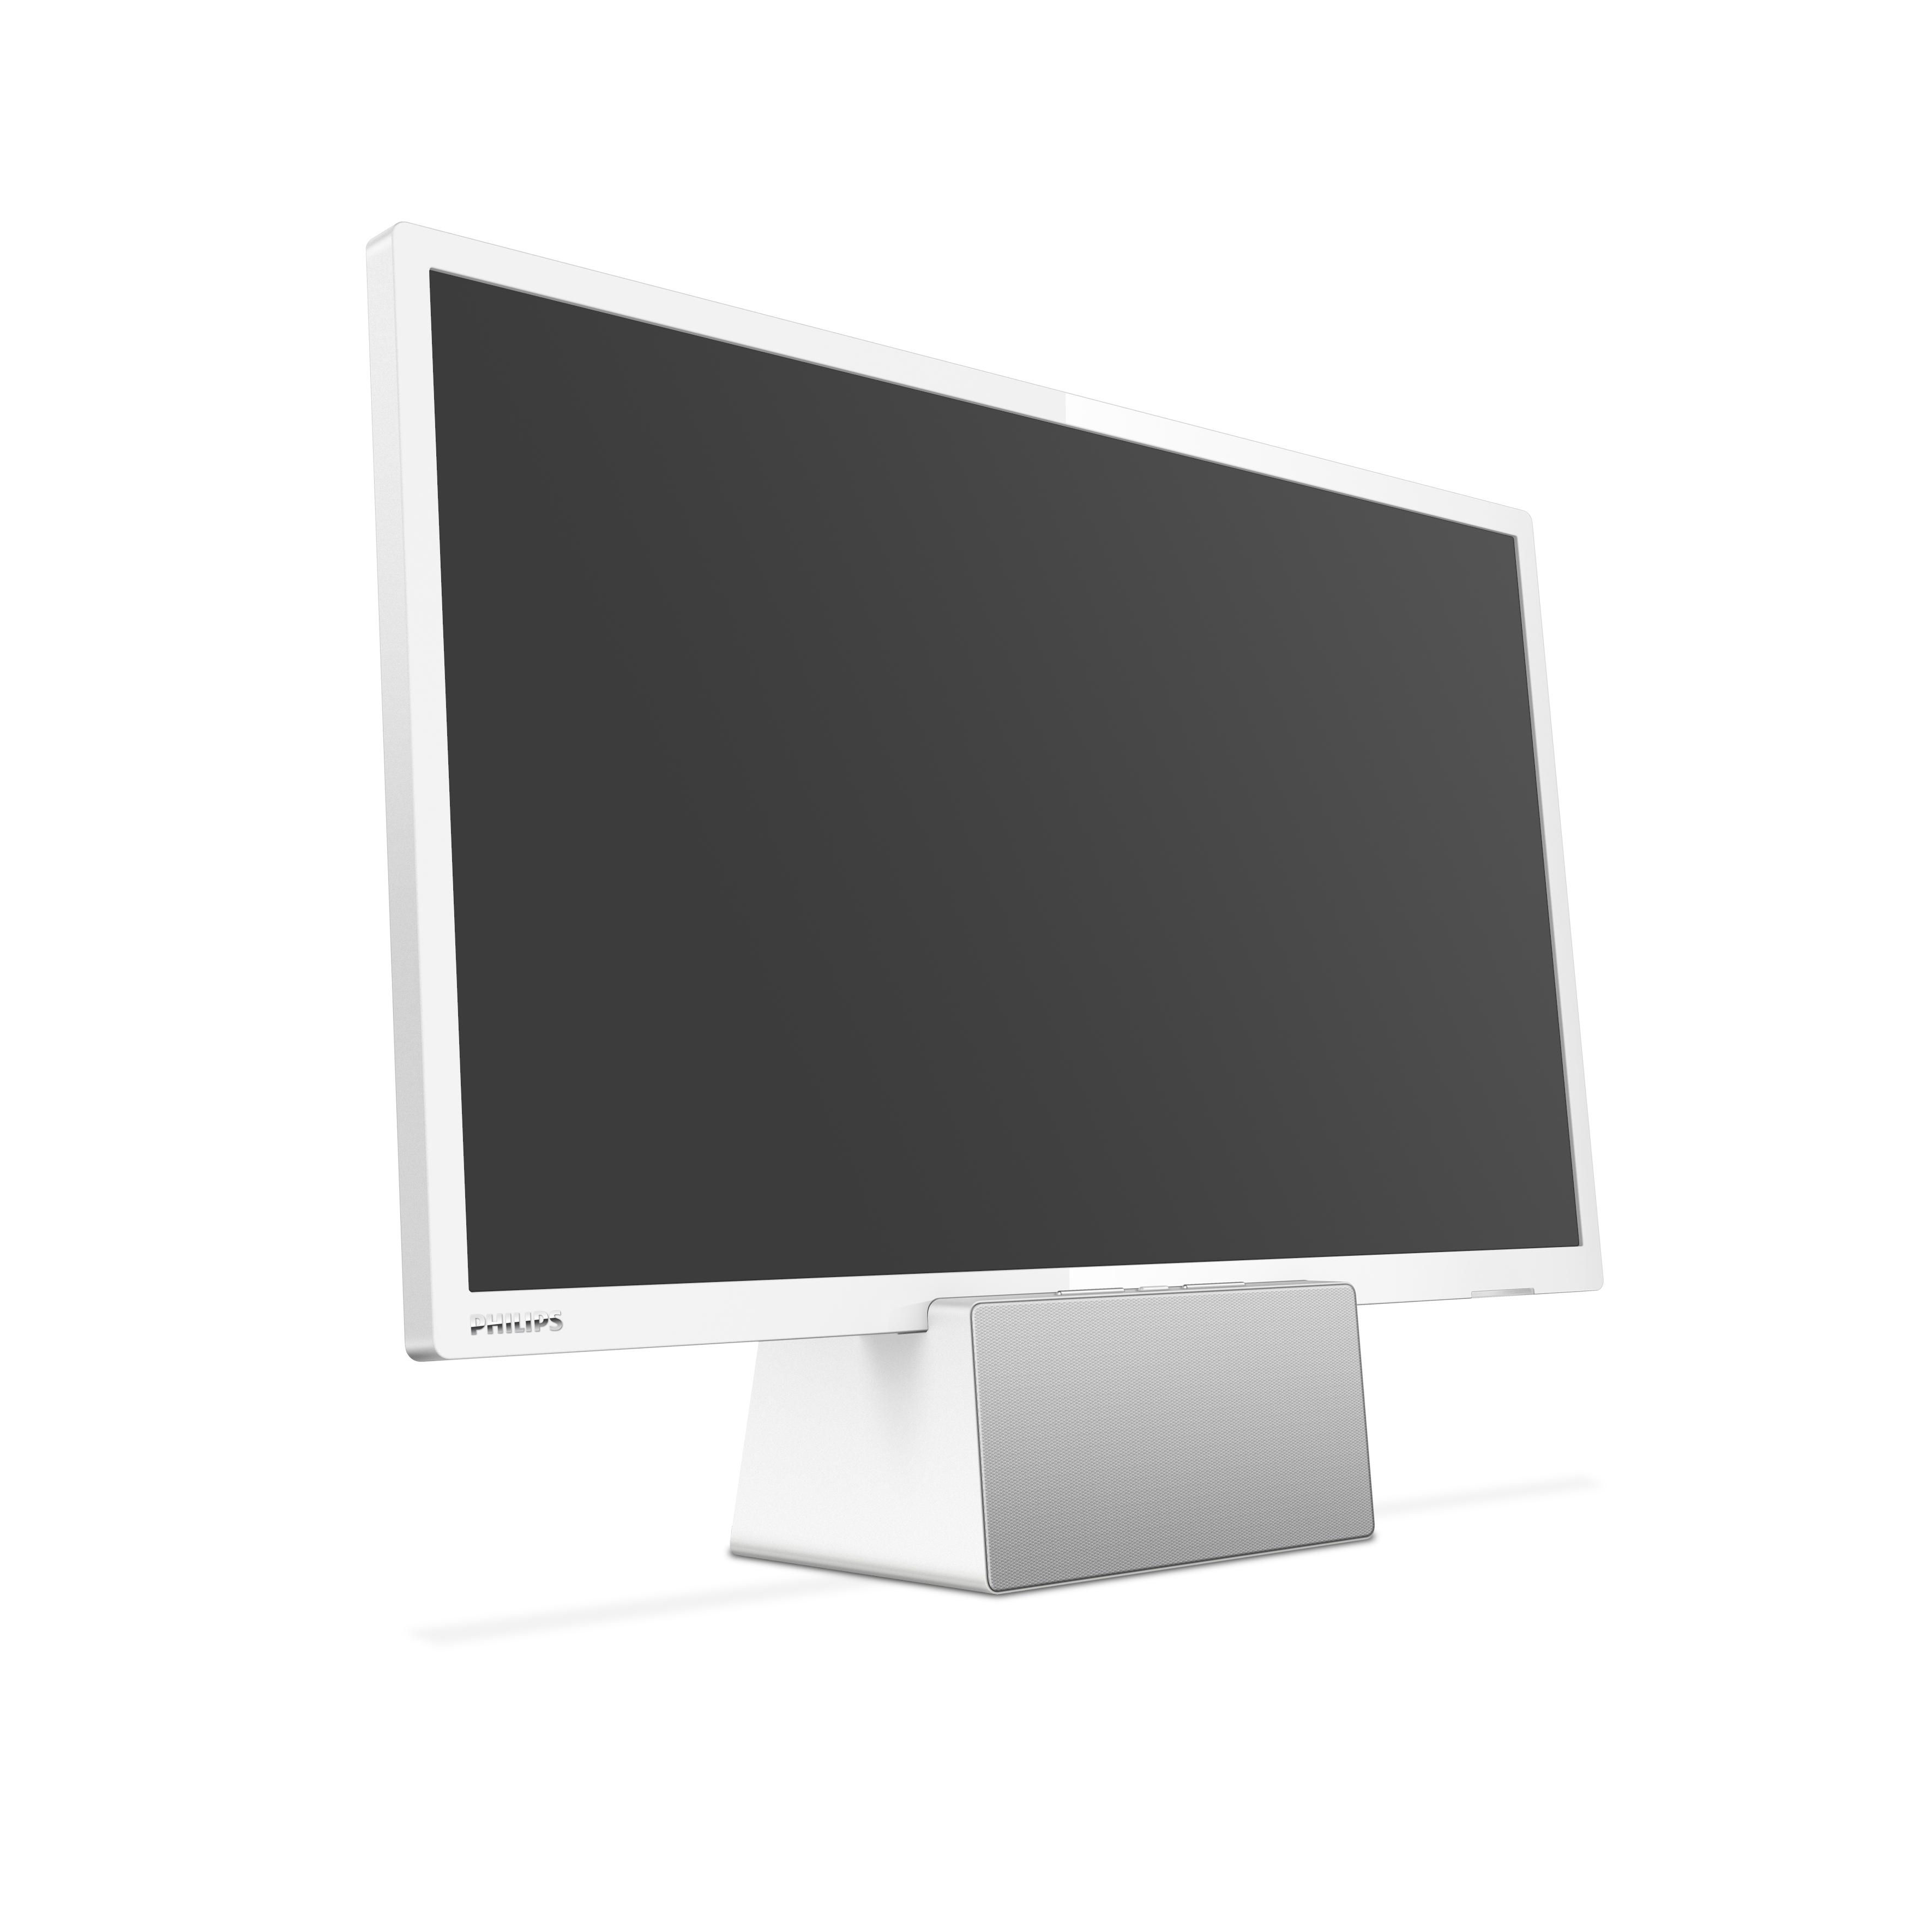 12887f567 Philips 24PFS5231, el televisor que te puedes llevar como pantalla  secundaria o altavoz inalámbrico